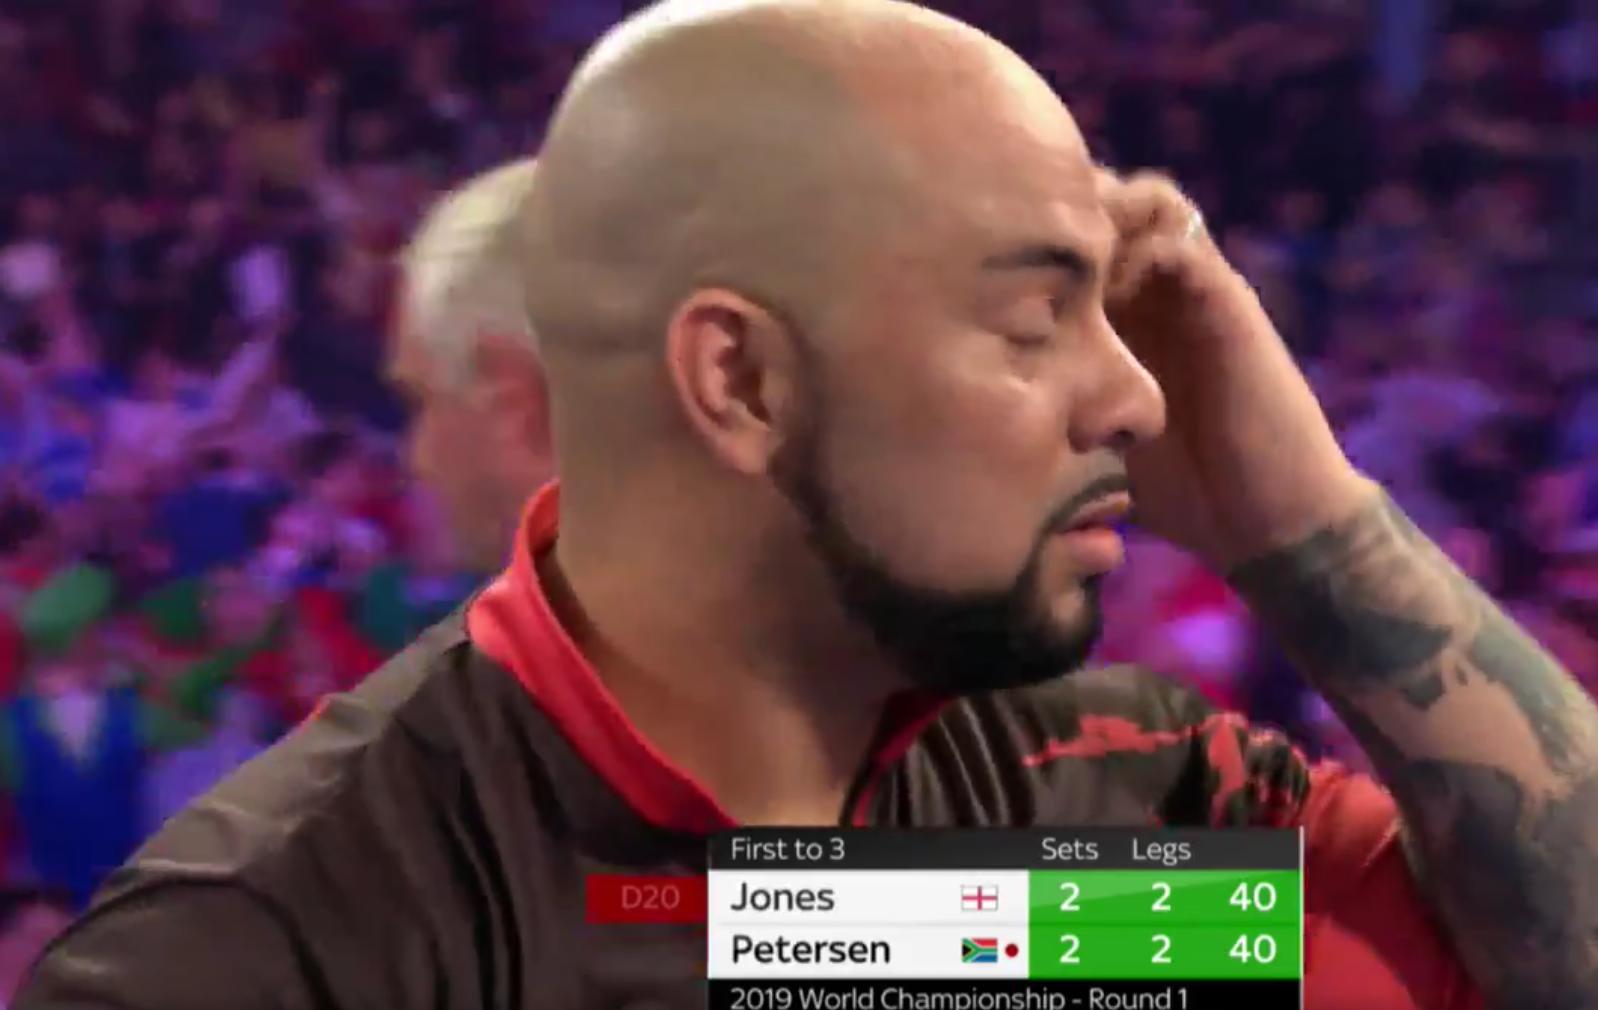 Watch Petersen And Jones Missing Massive 13 Match Darts